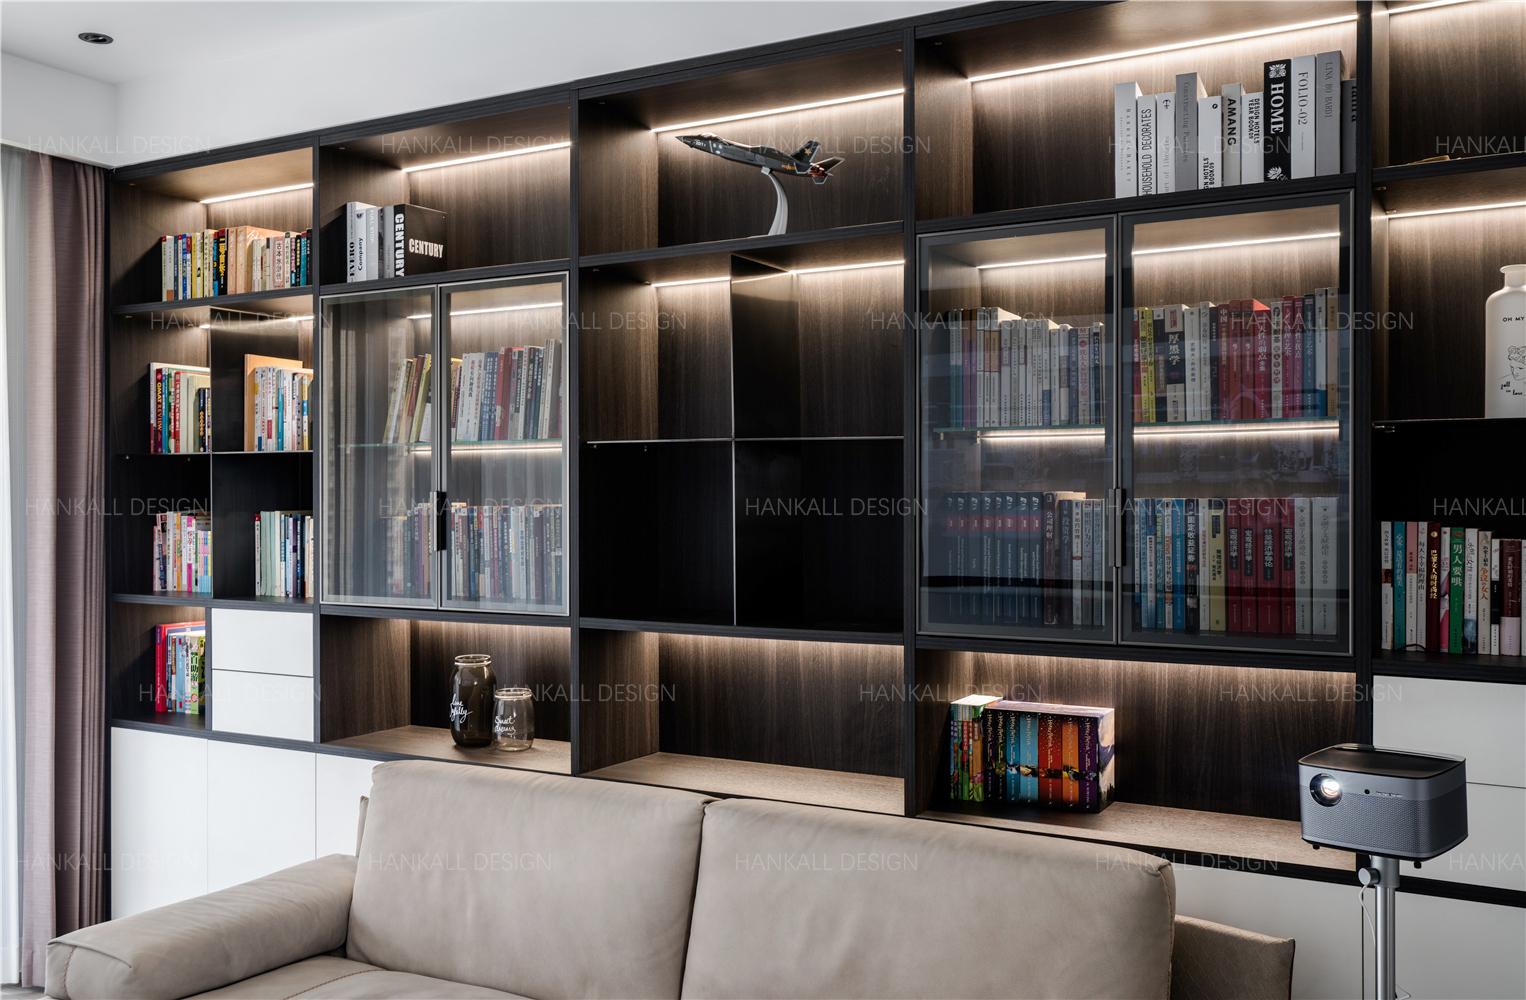 135㎡现代风格书柜墙装修效果图